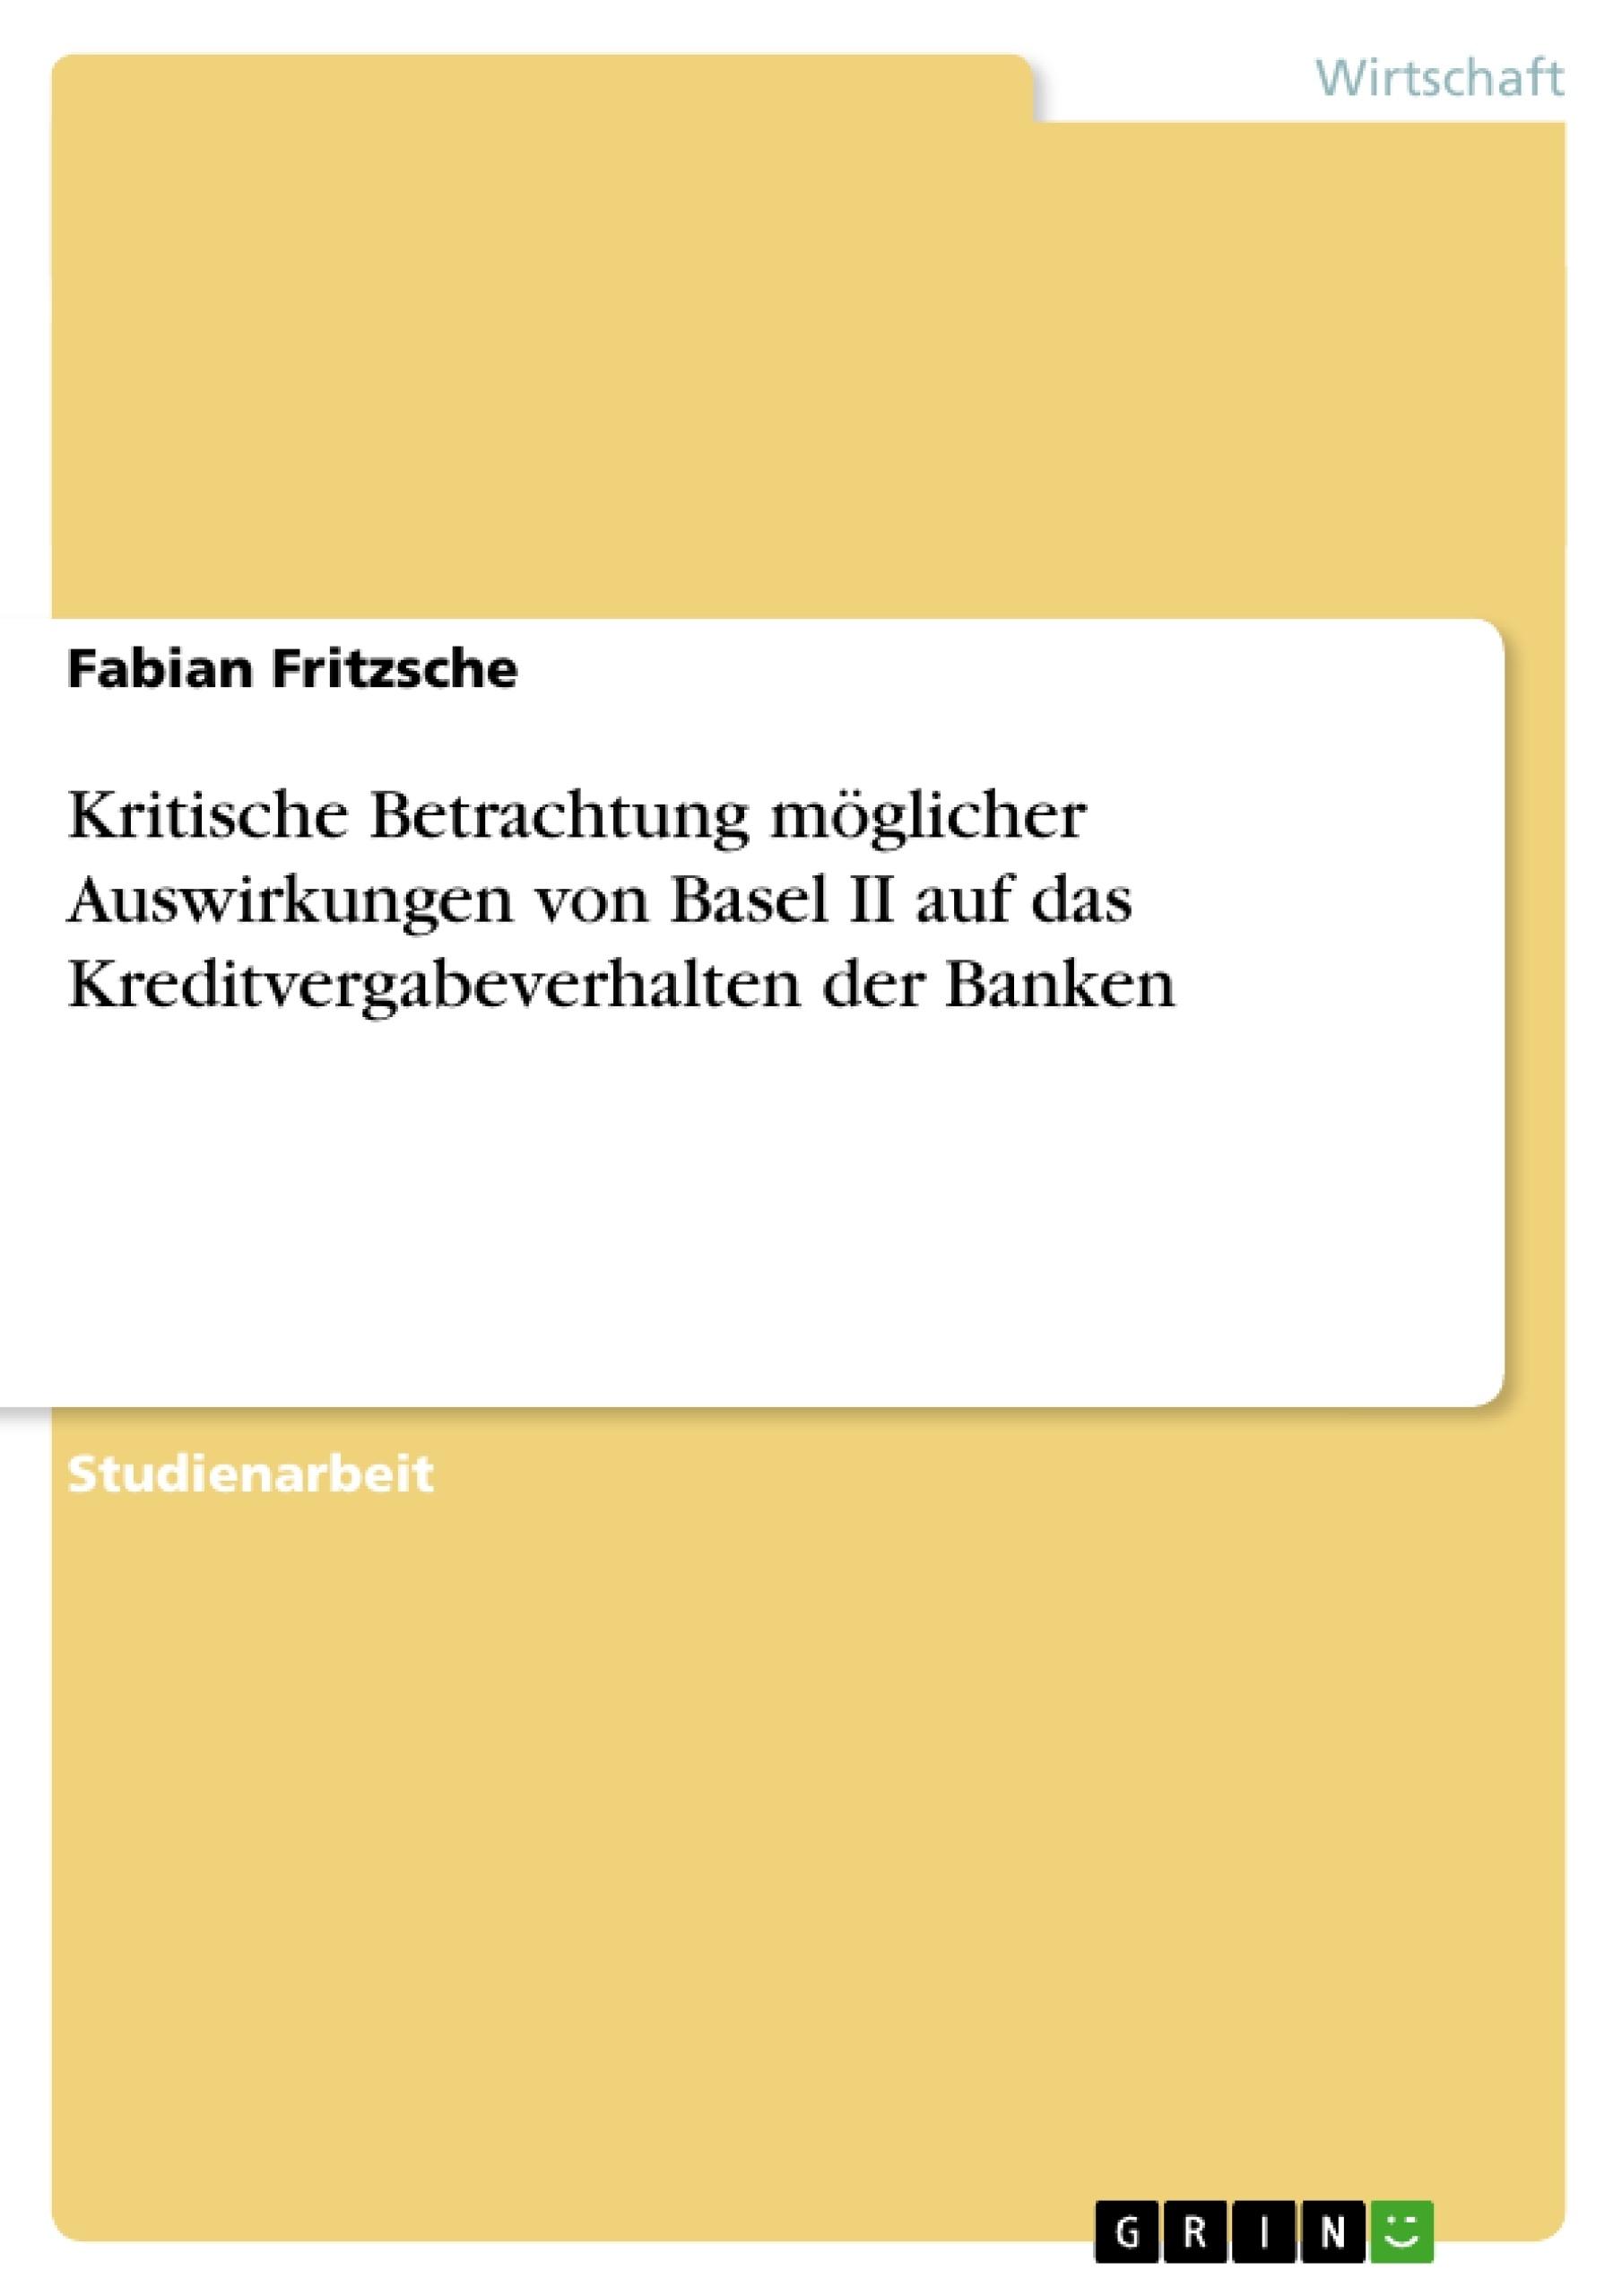 Titel: Kritische Betrachtung möglicher Auswirkungen von Basel II auf das Kreditvergabeverhalten der Banken